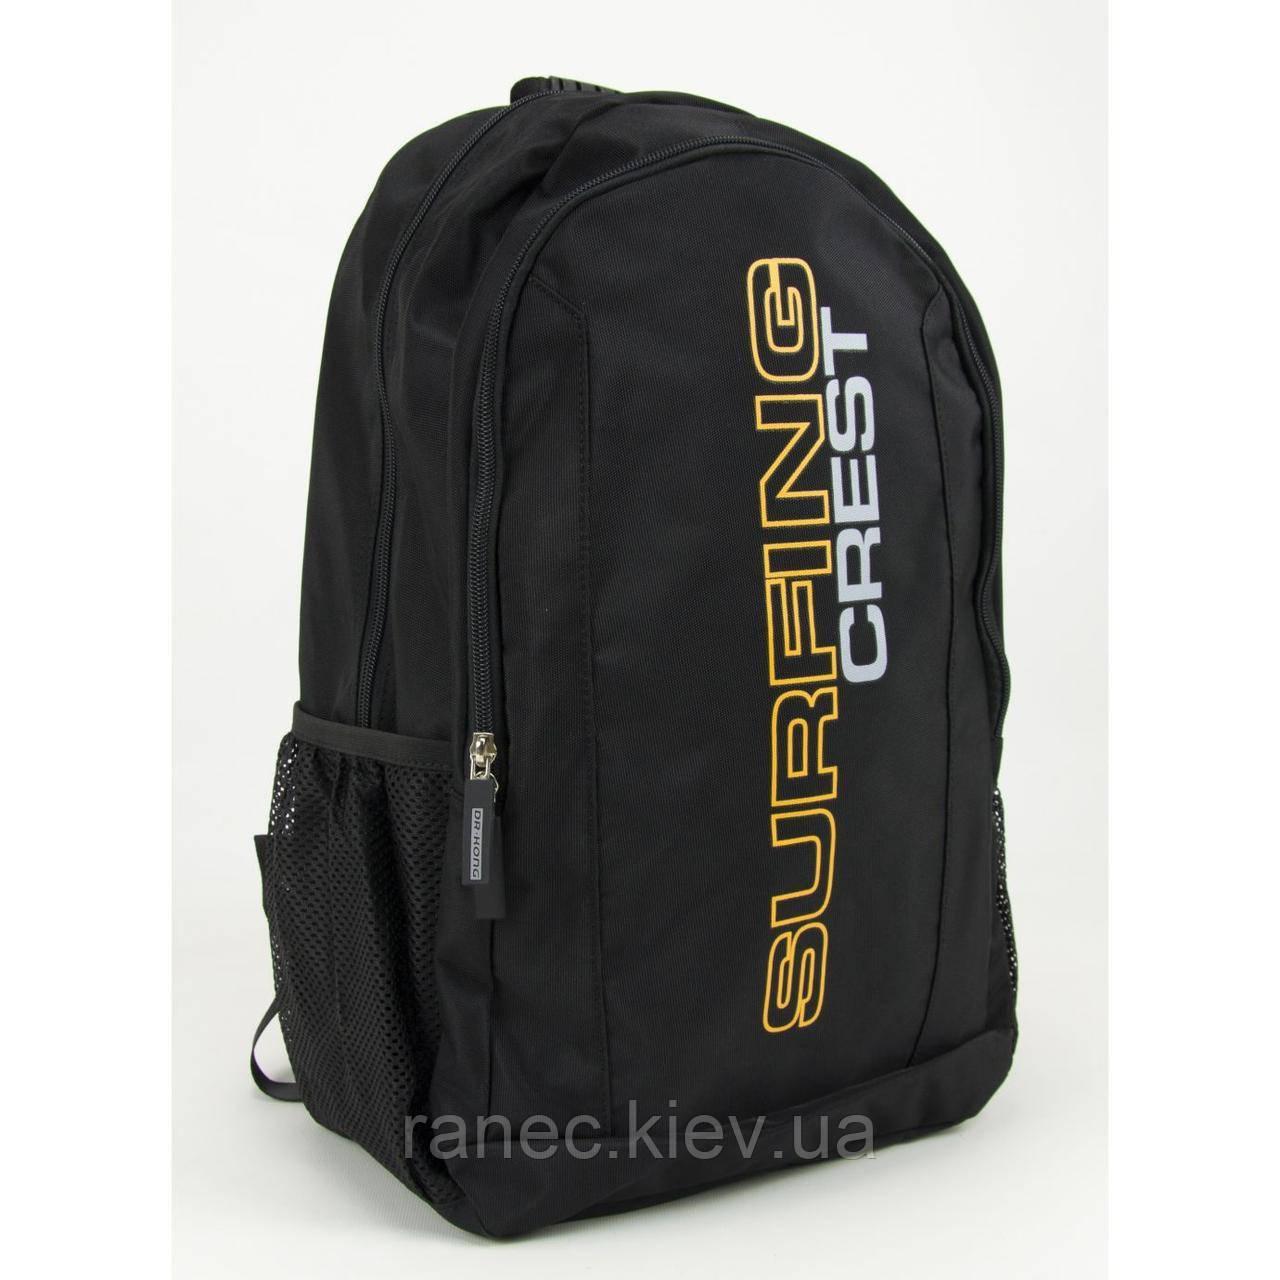 Рюкзак ортопедичний чорний Z1400010 XL Dr.Kong 970468